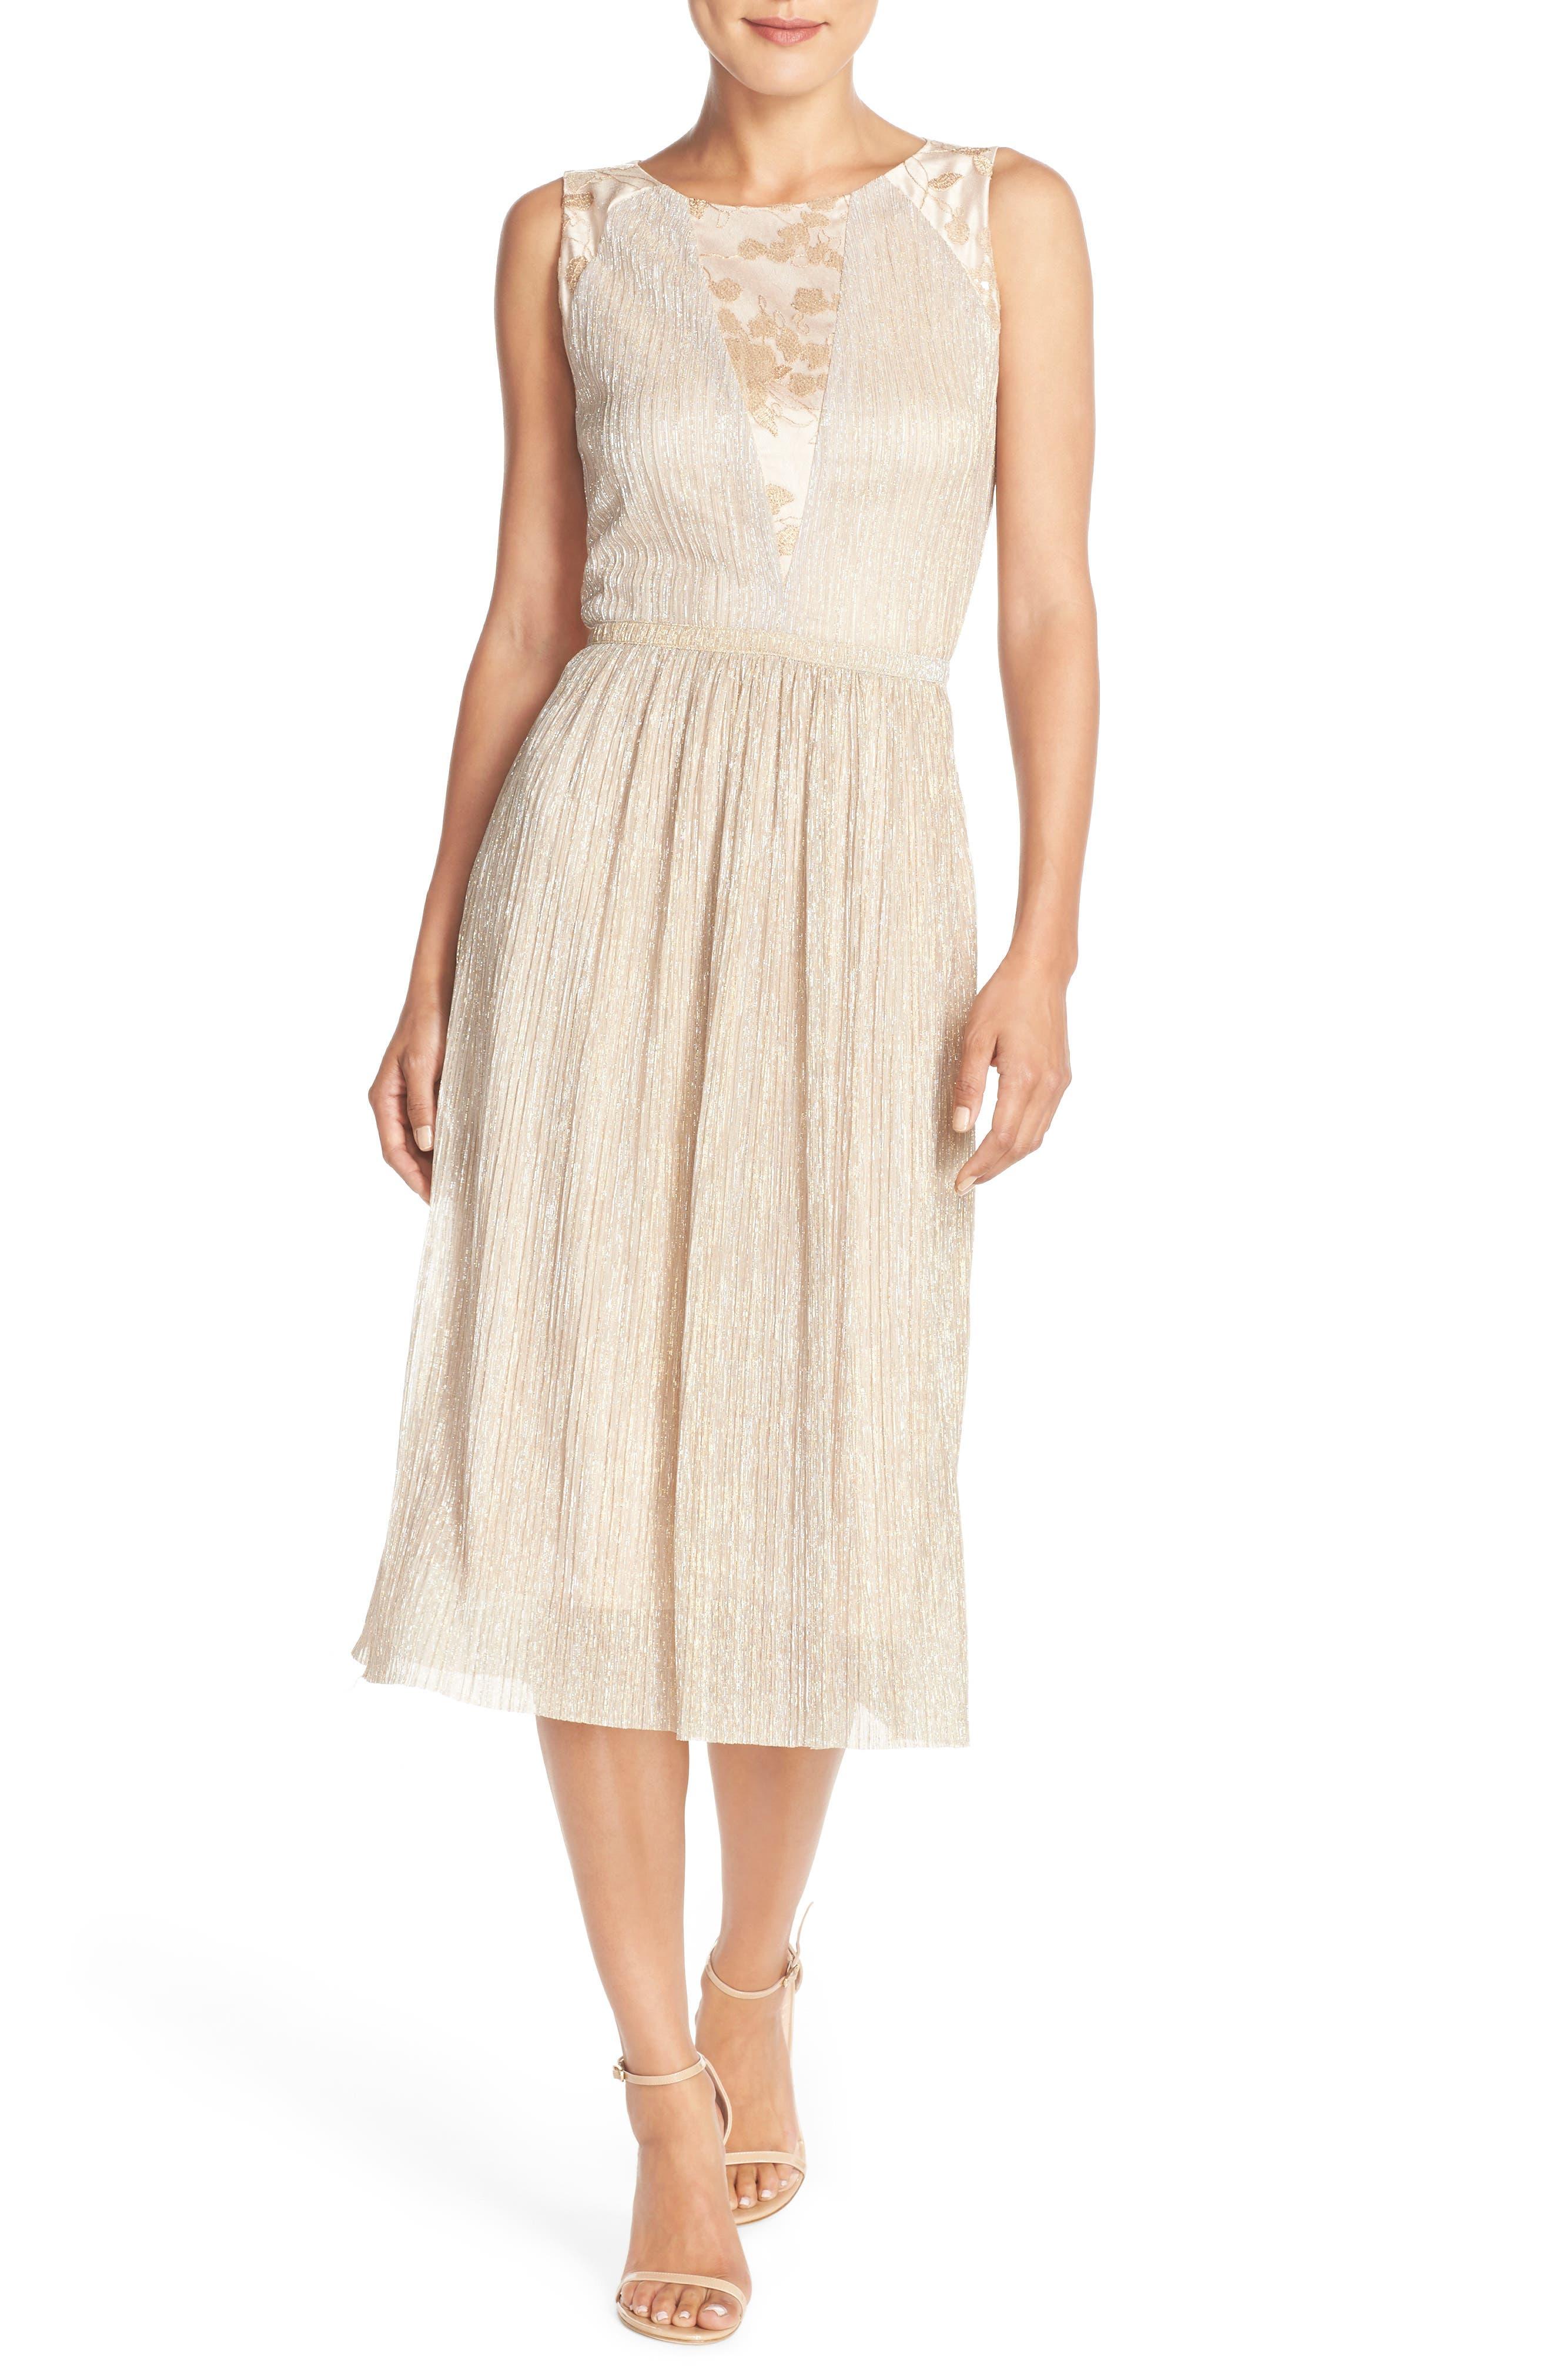 Alternate Image 1 Selected - Tahari Metallic Pleated Midi Dress (Regular & Petite)